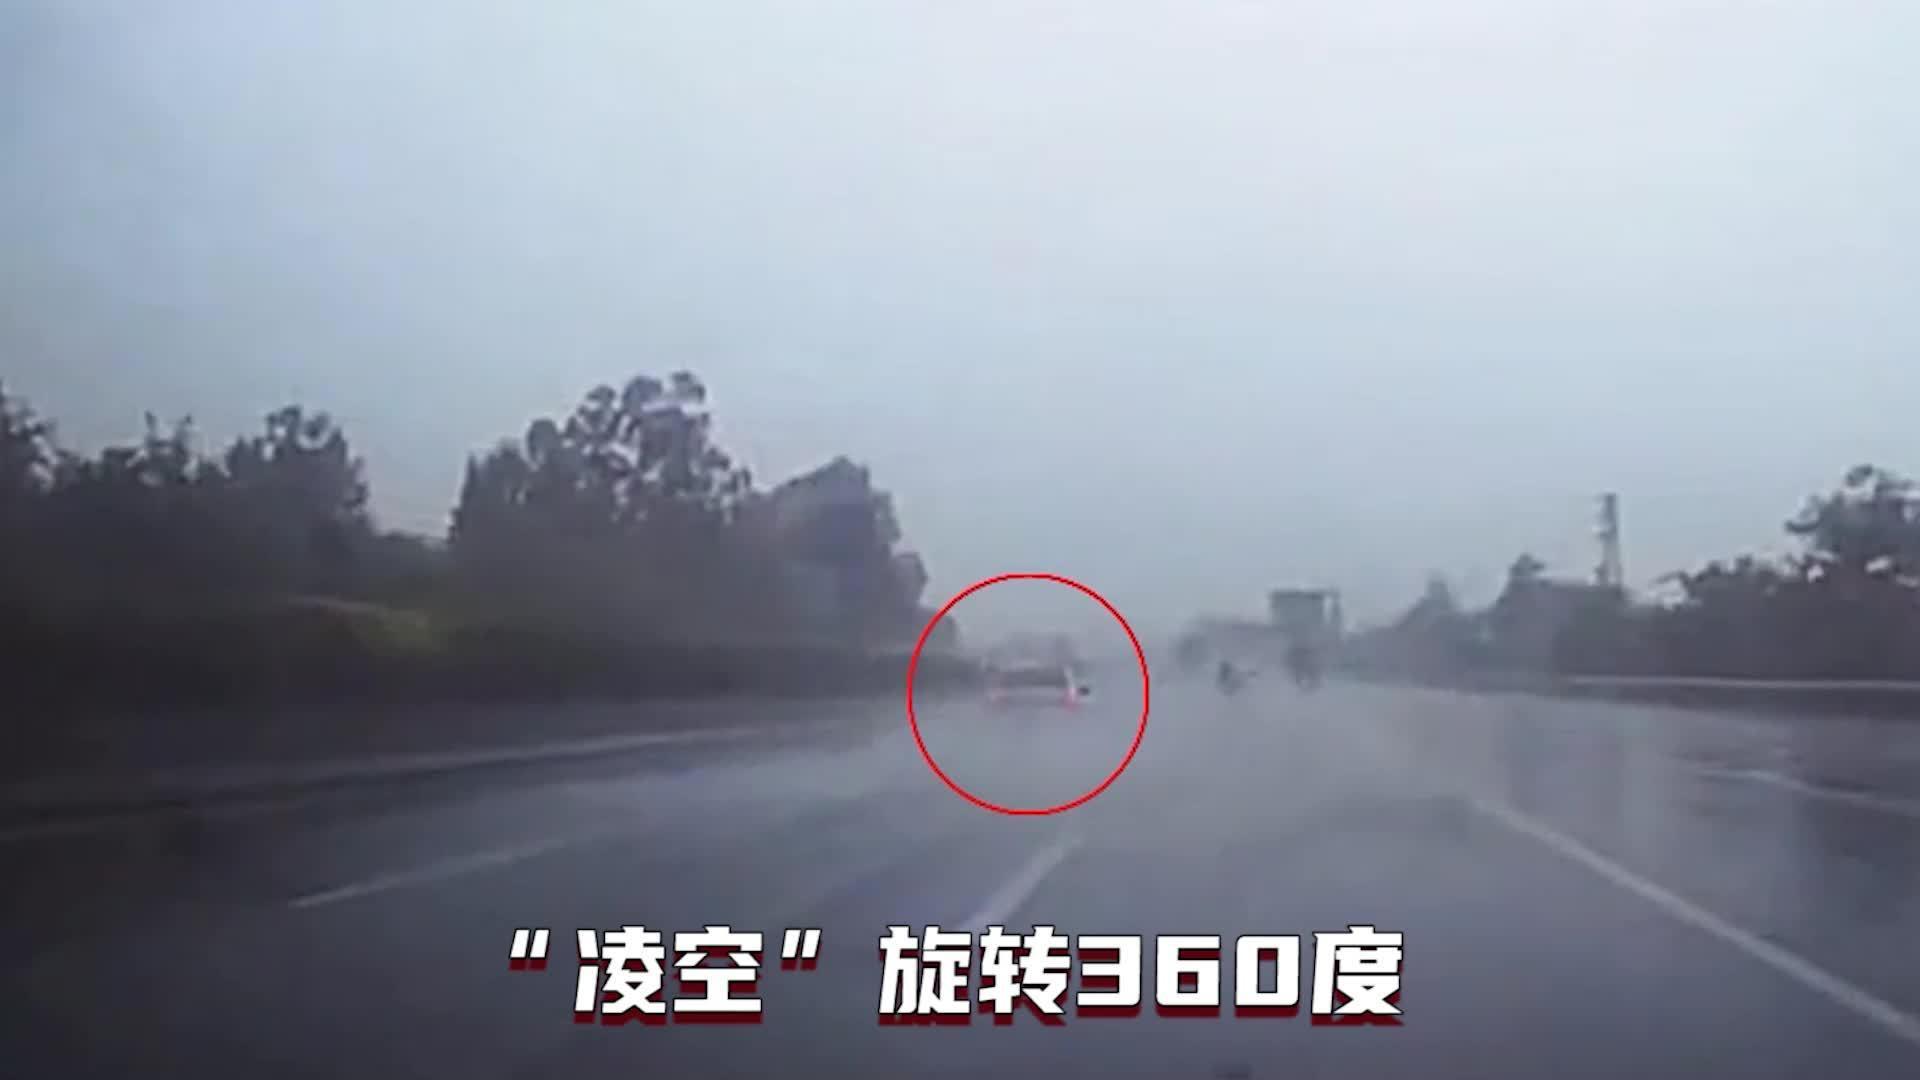 老司机考题:如果小车打滑,你会……